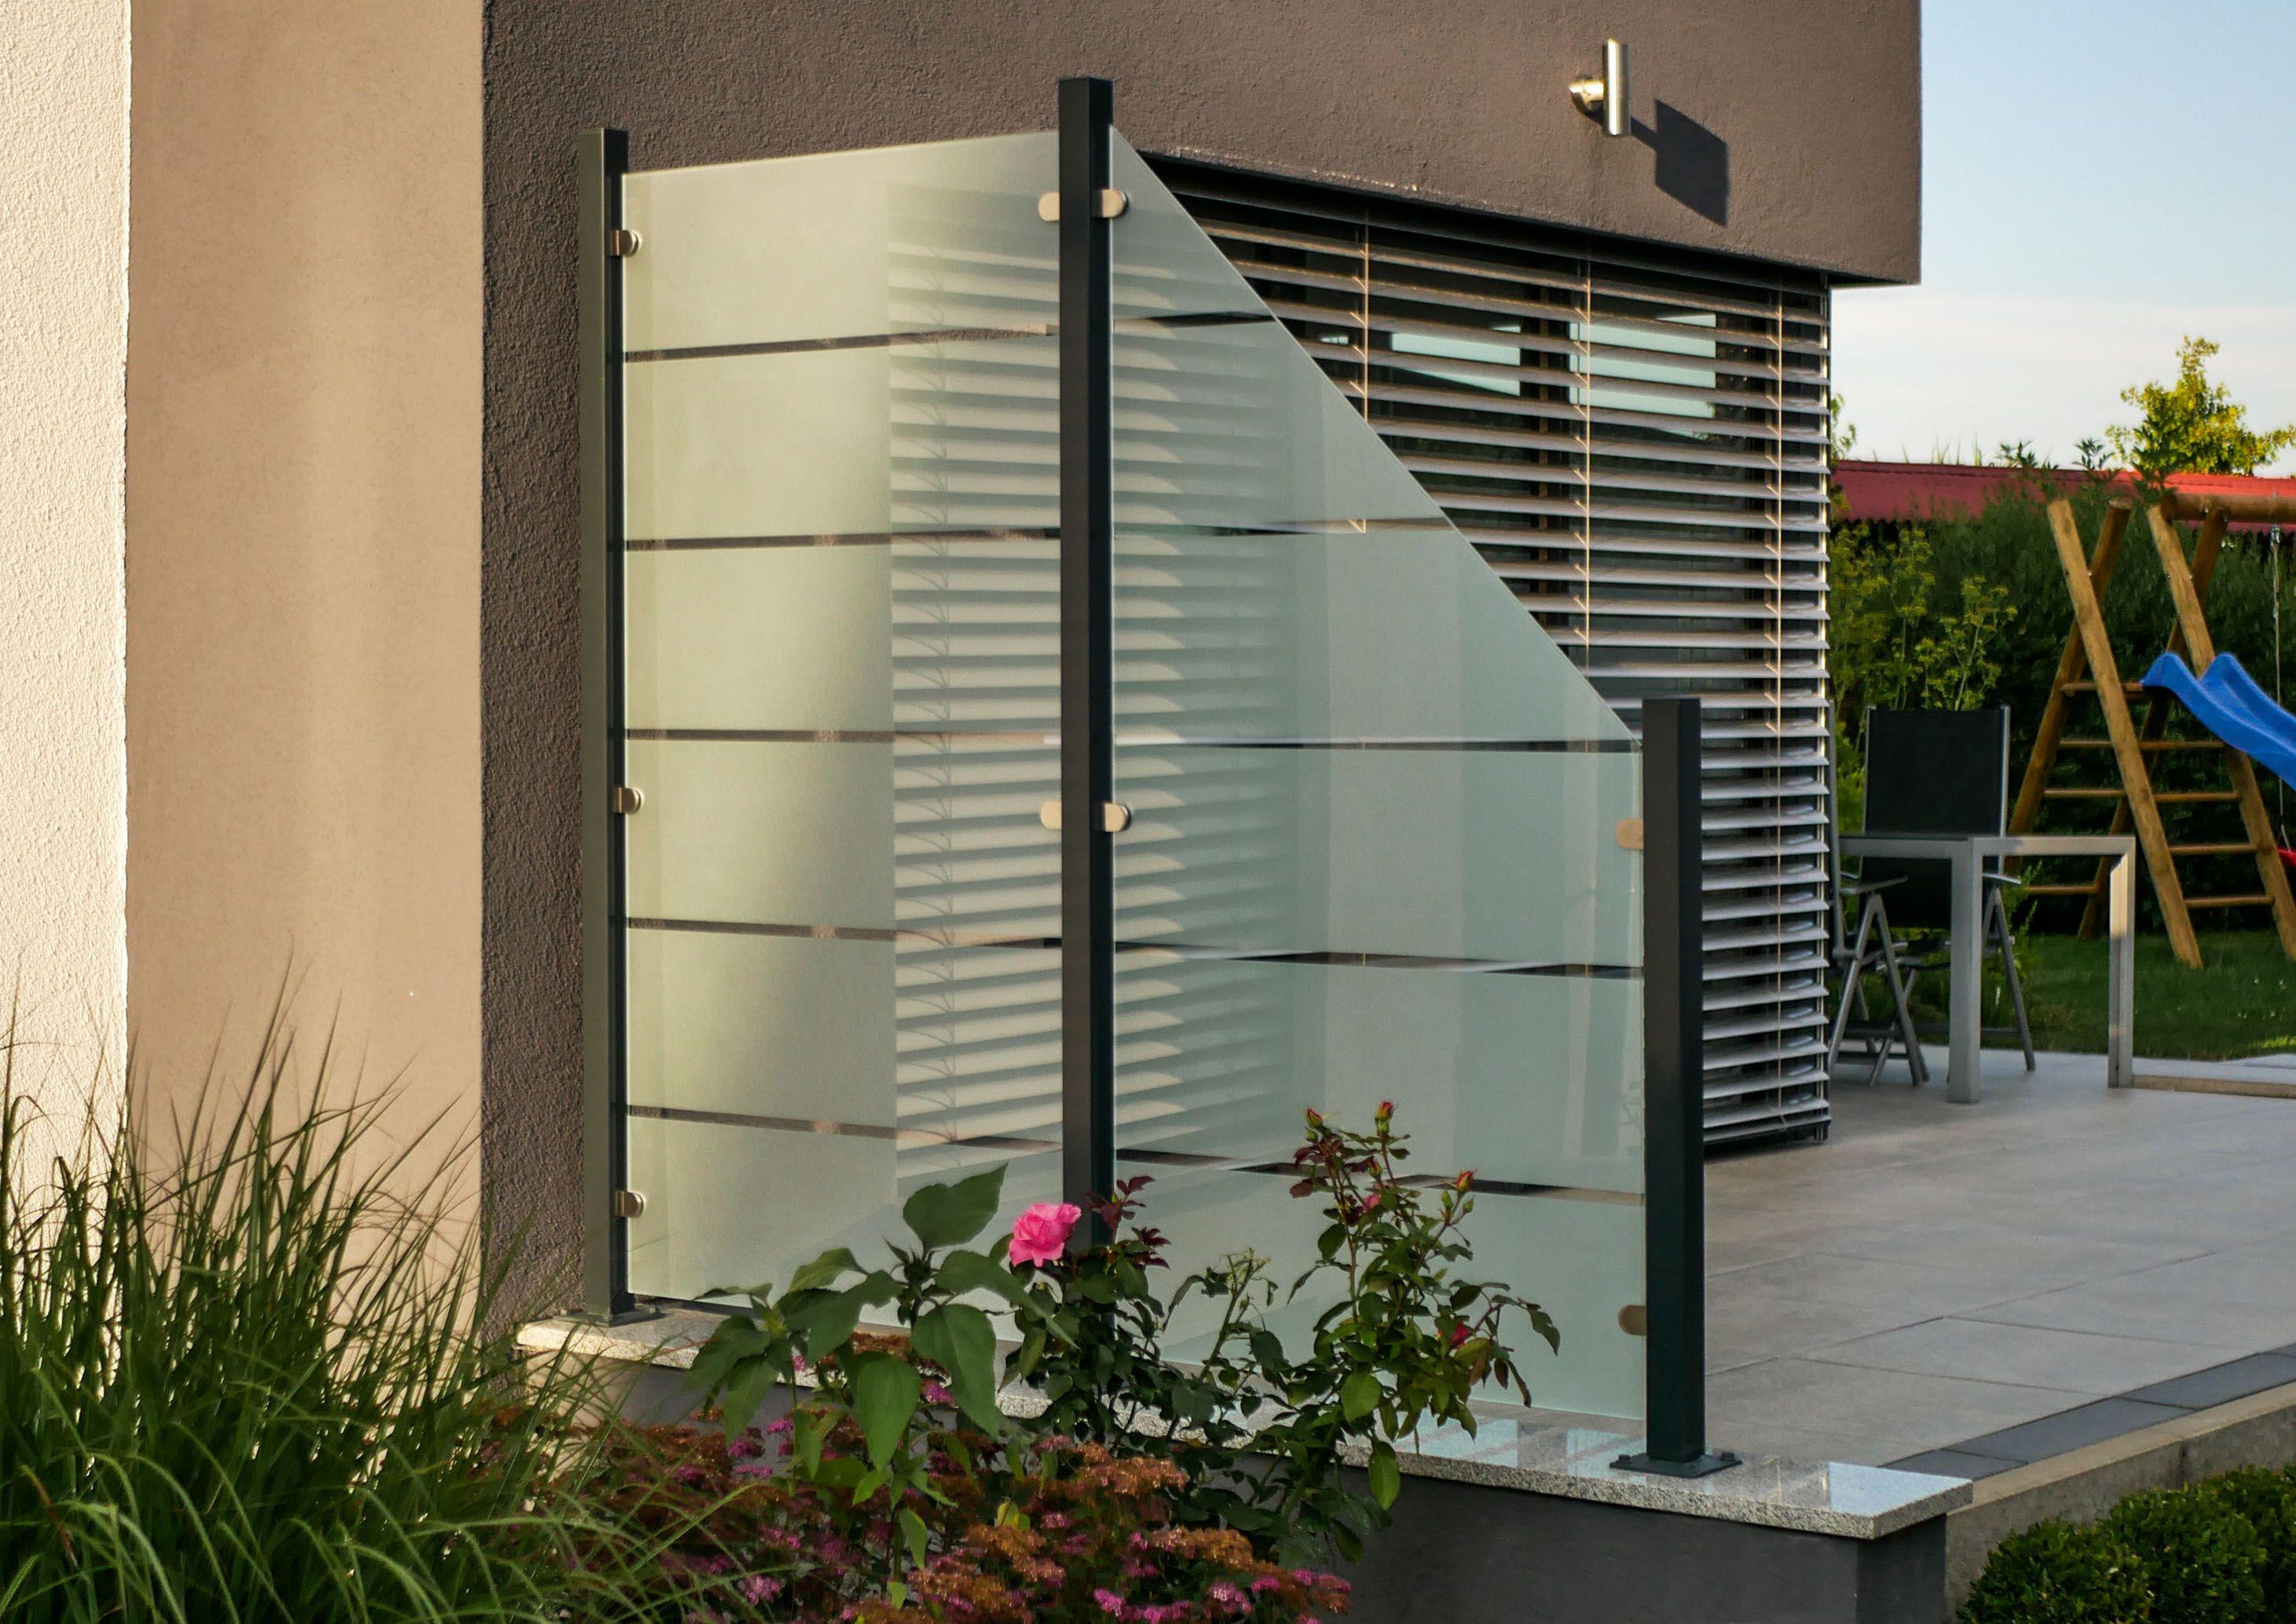 Pin Von Meike Hofmann Auf Terrasse Glaszaun Sichtschutz